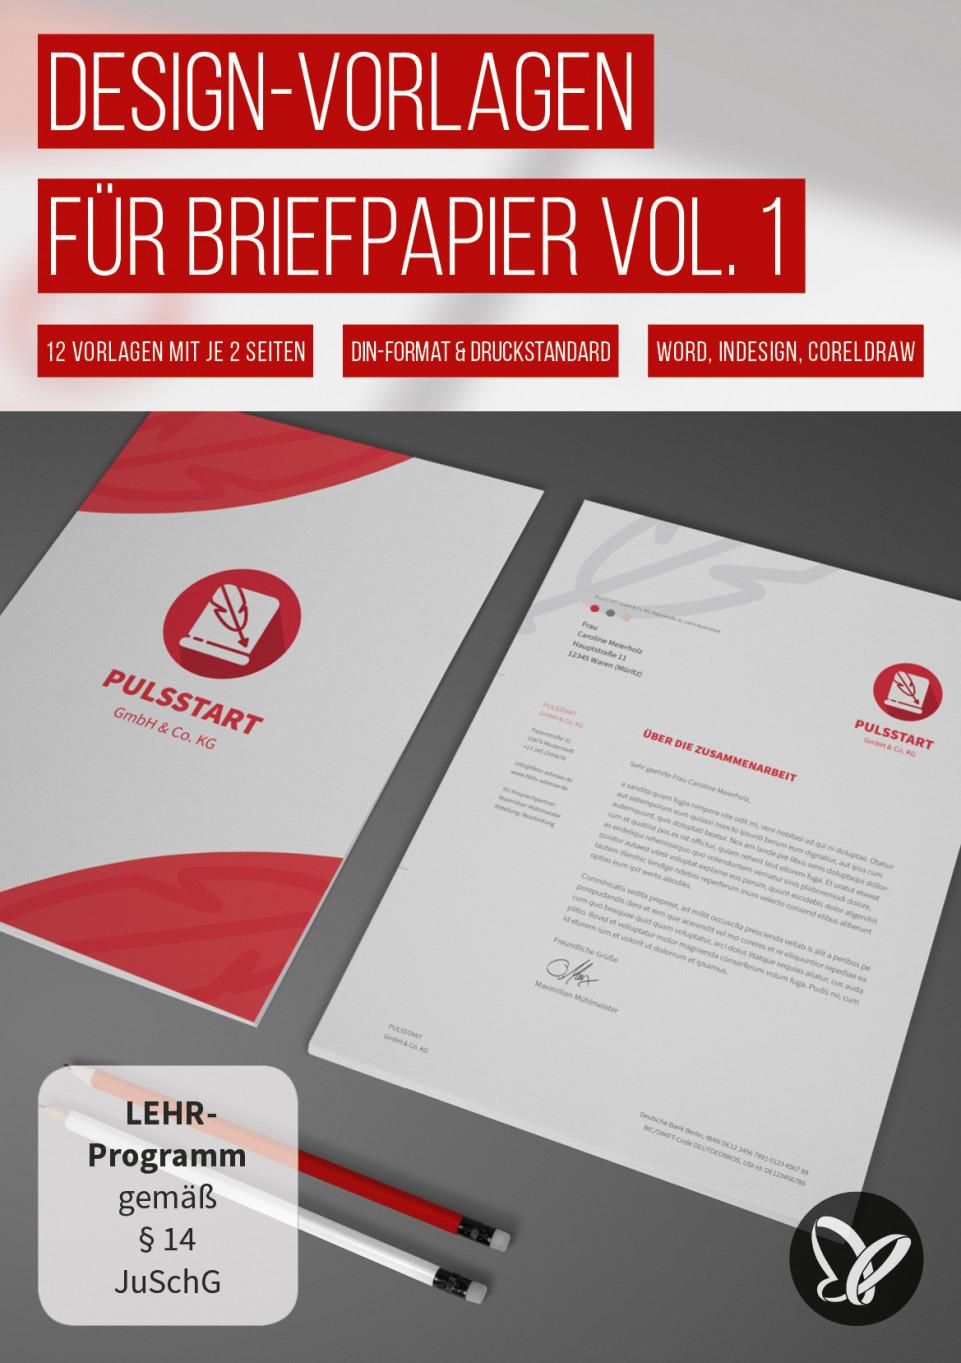 Briefpapier-Vorlagen zum Ausdrucken